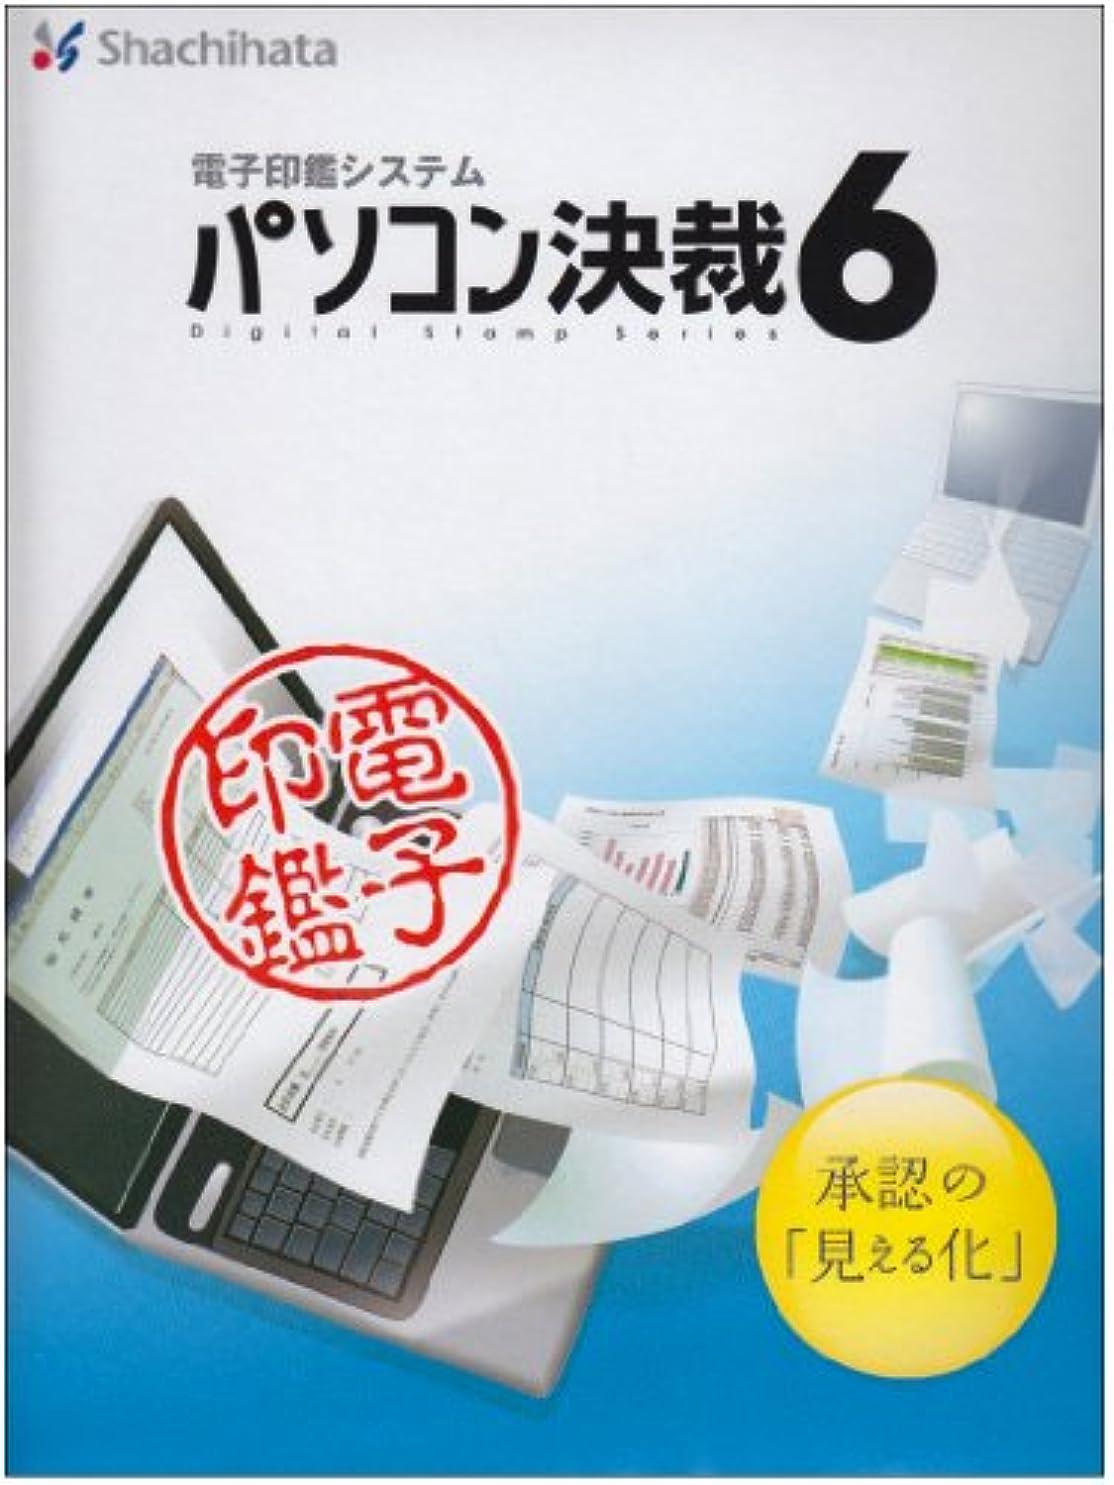 タンクサンダーがっかりするパソコン決裁6 Standard Edition